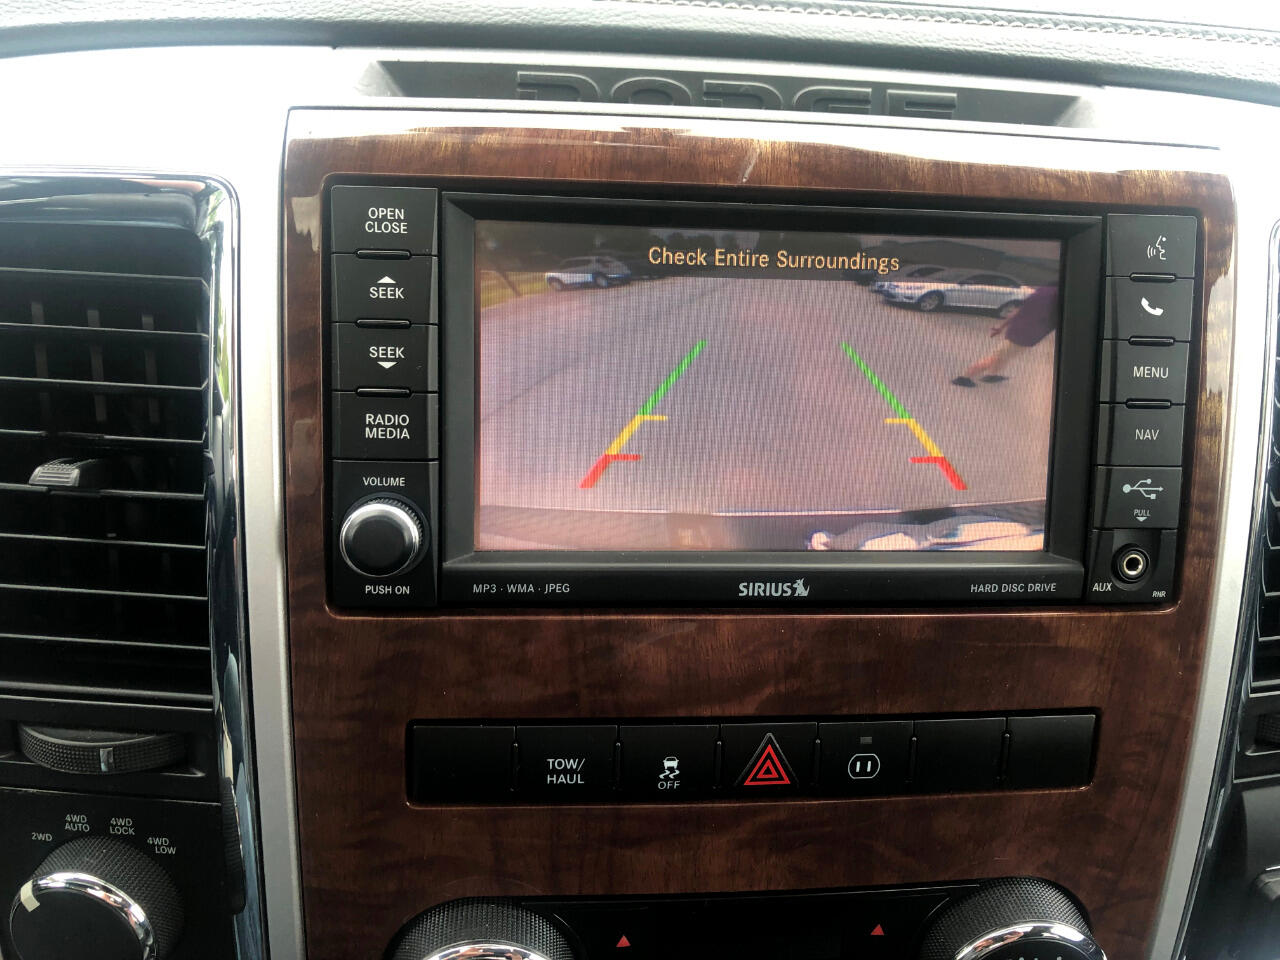 2012 RAM 1500 4WD Crew Cab Laramie